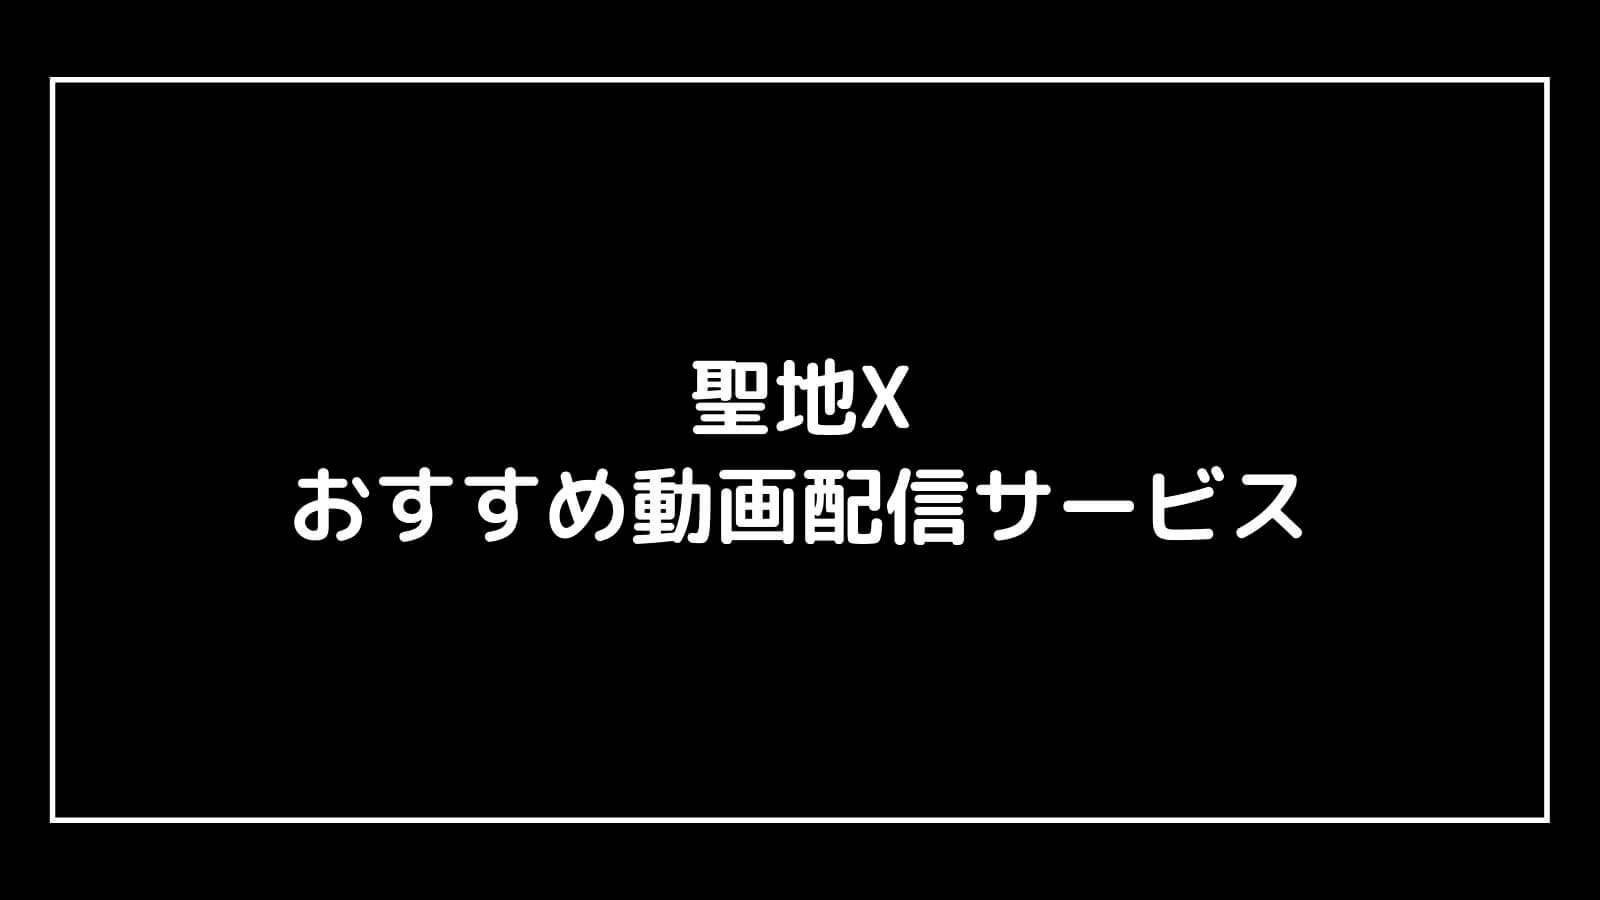 映画『聖地X』を無料視聴できるおすすめ動画配信サービス